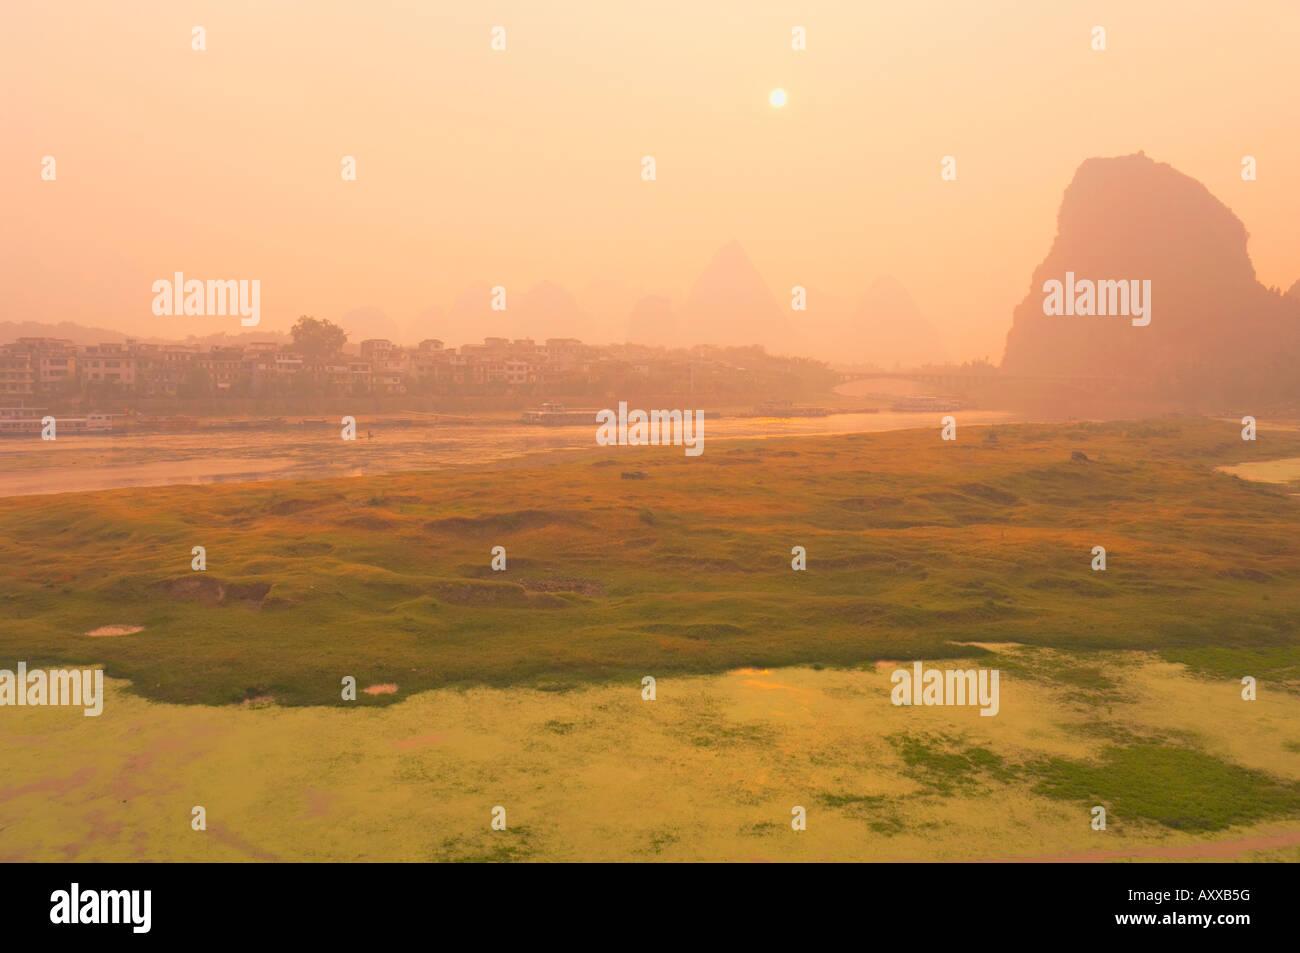 Li Jiang (Li River), Yangshuo, Guangxi Province, China, Asia Stock Photo